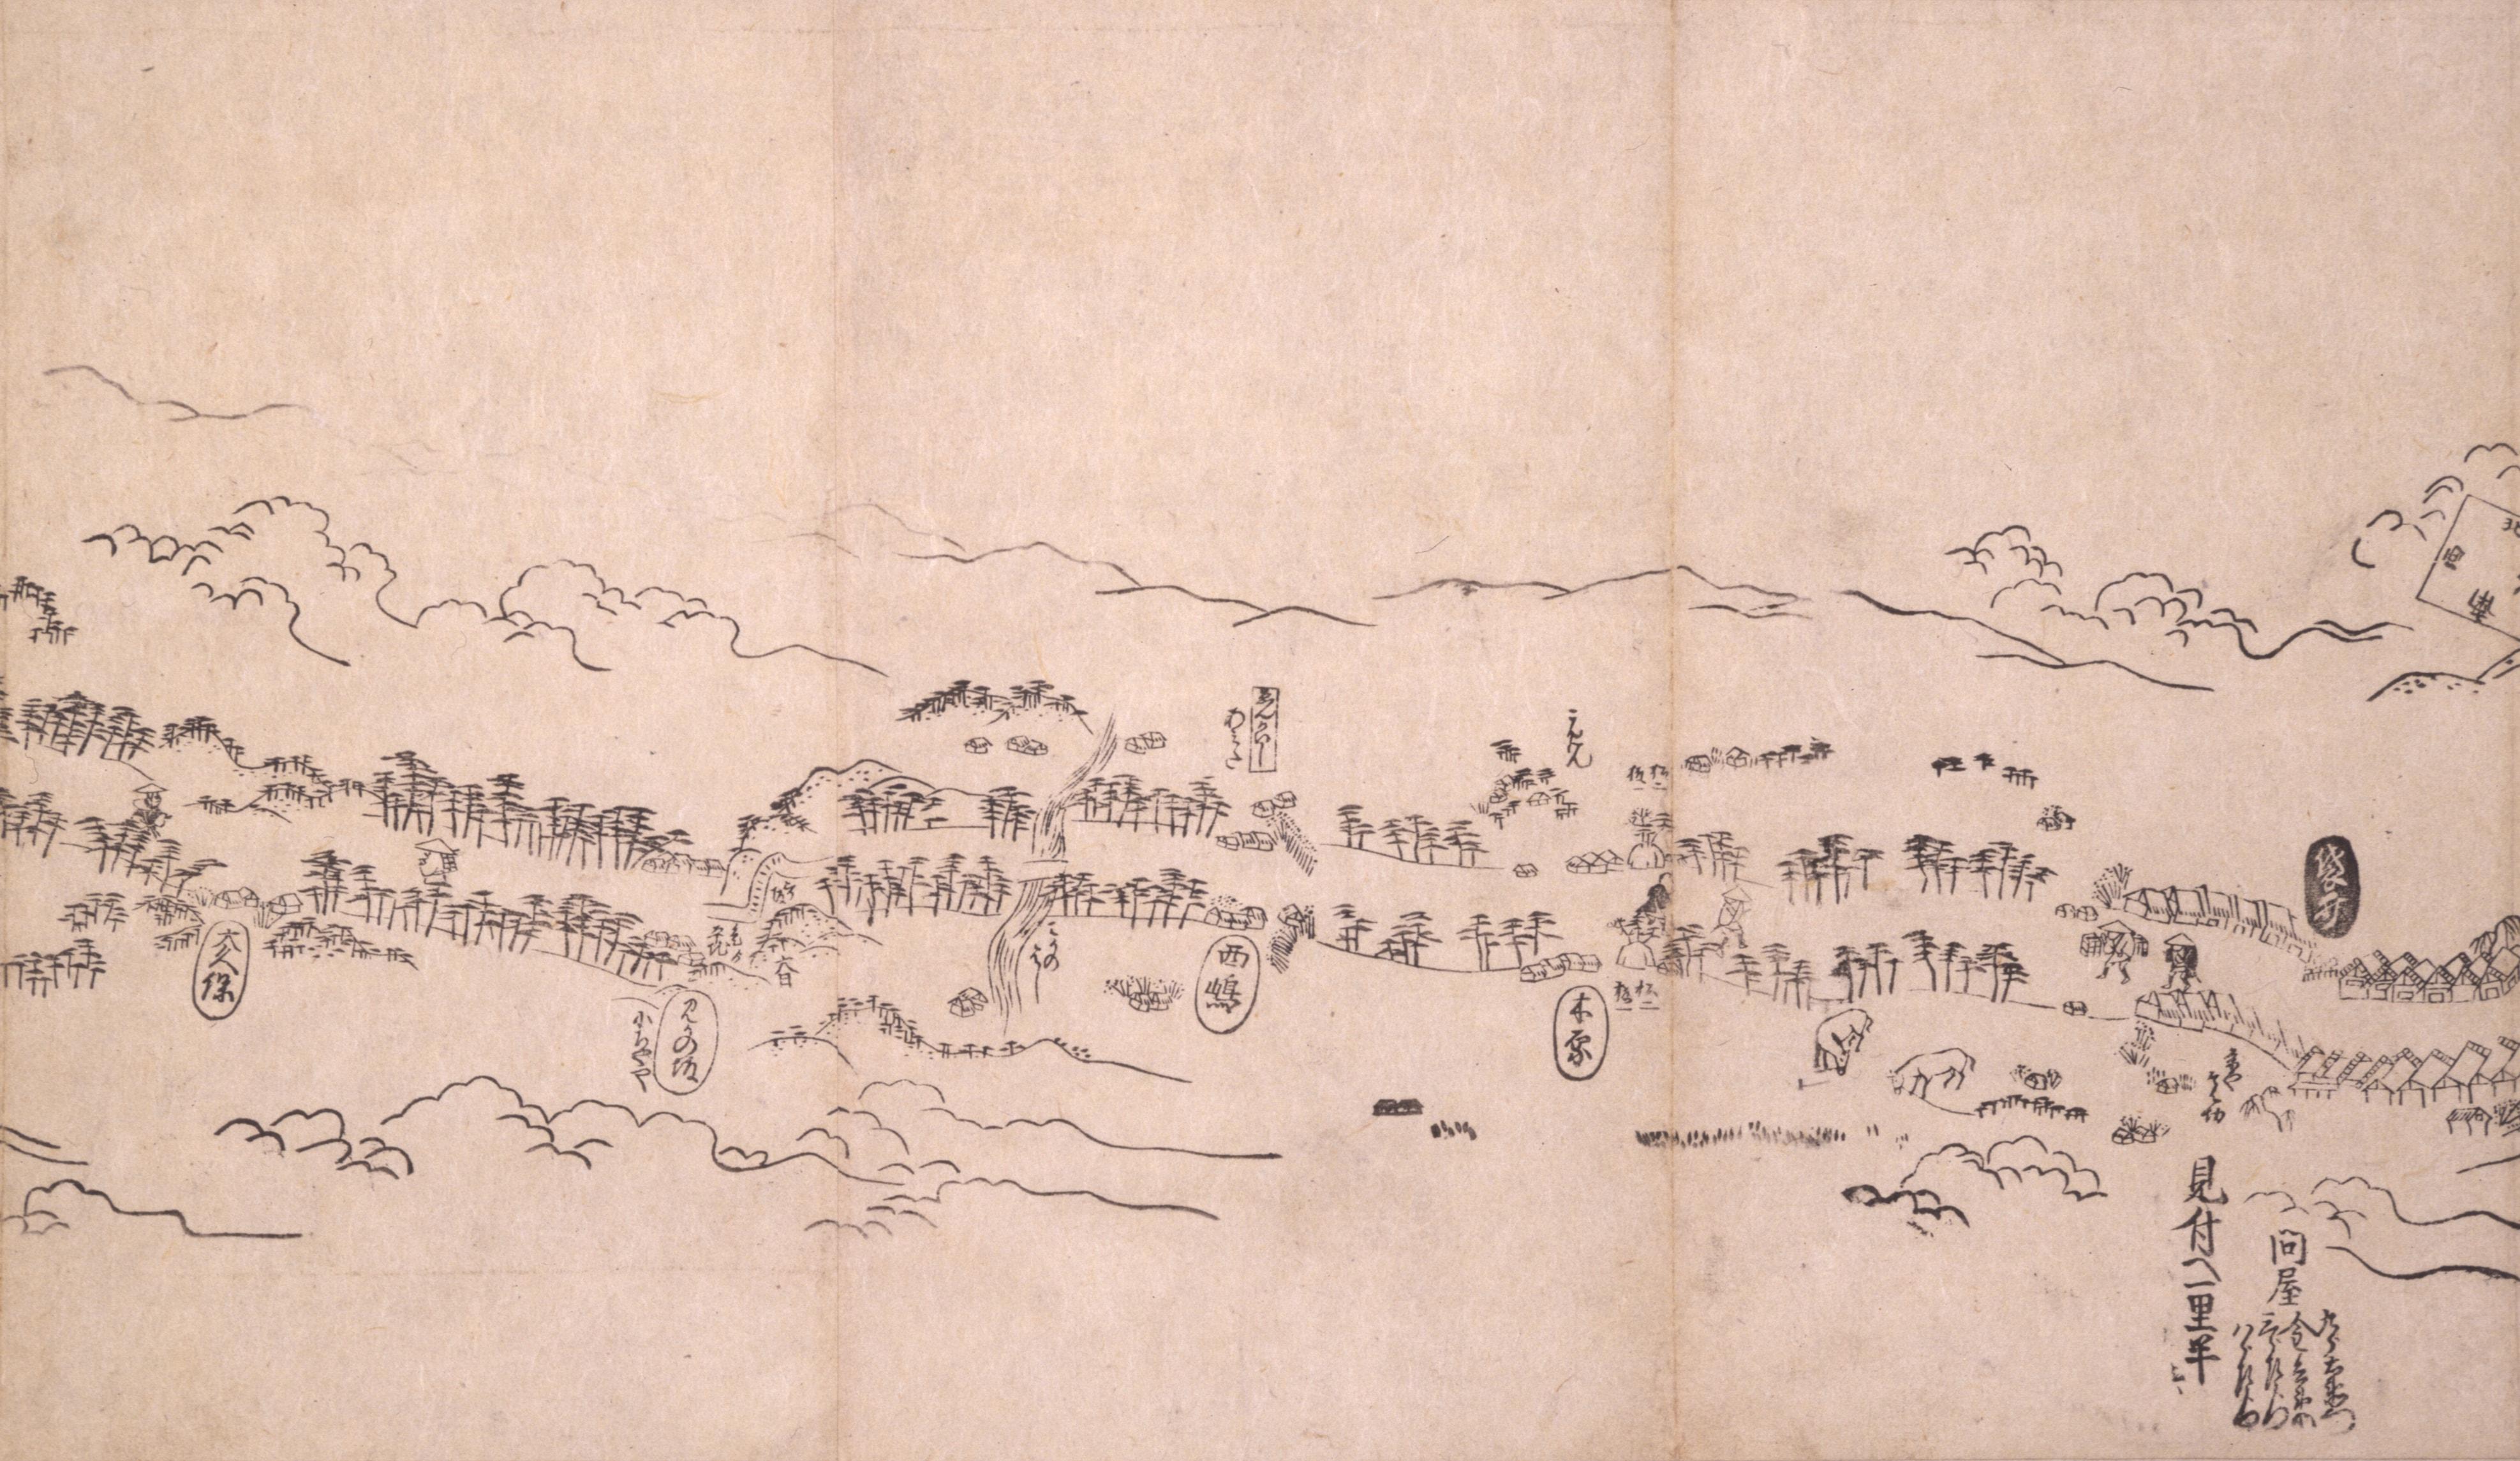 東海道分間之図 四十